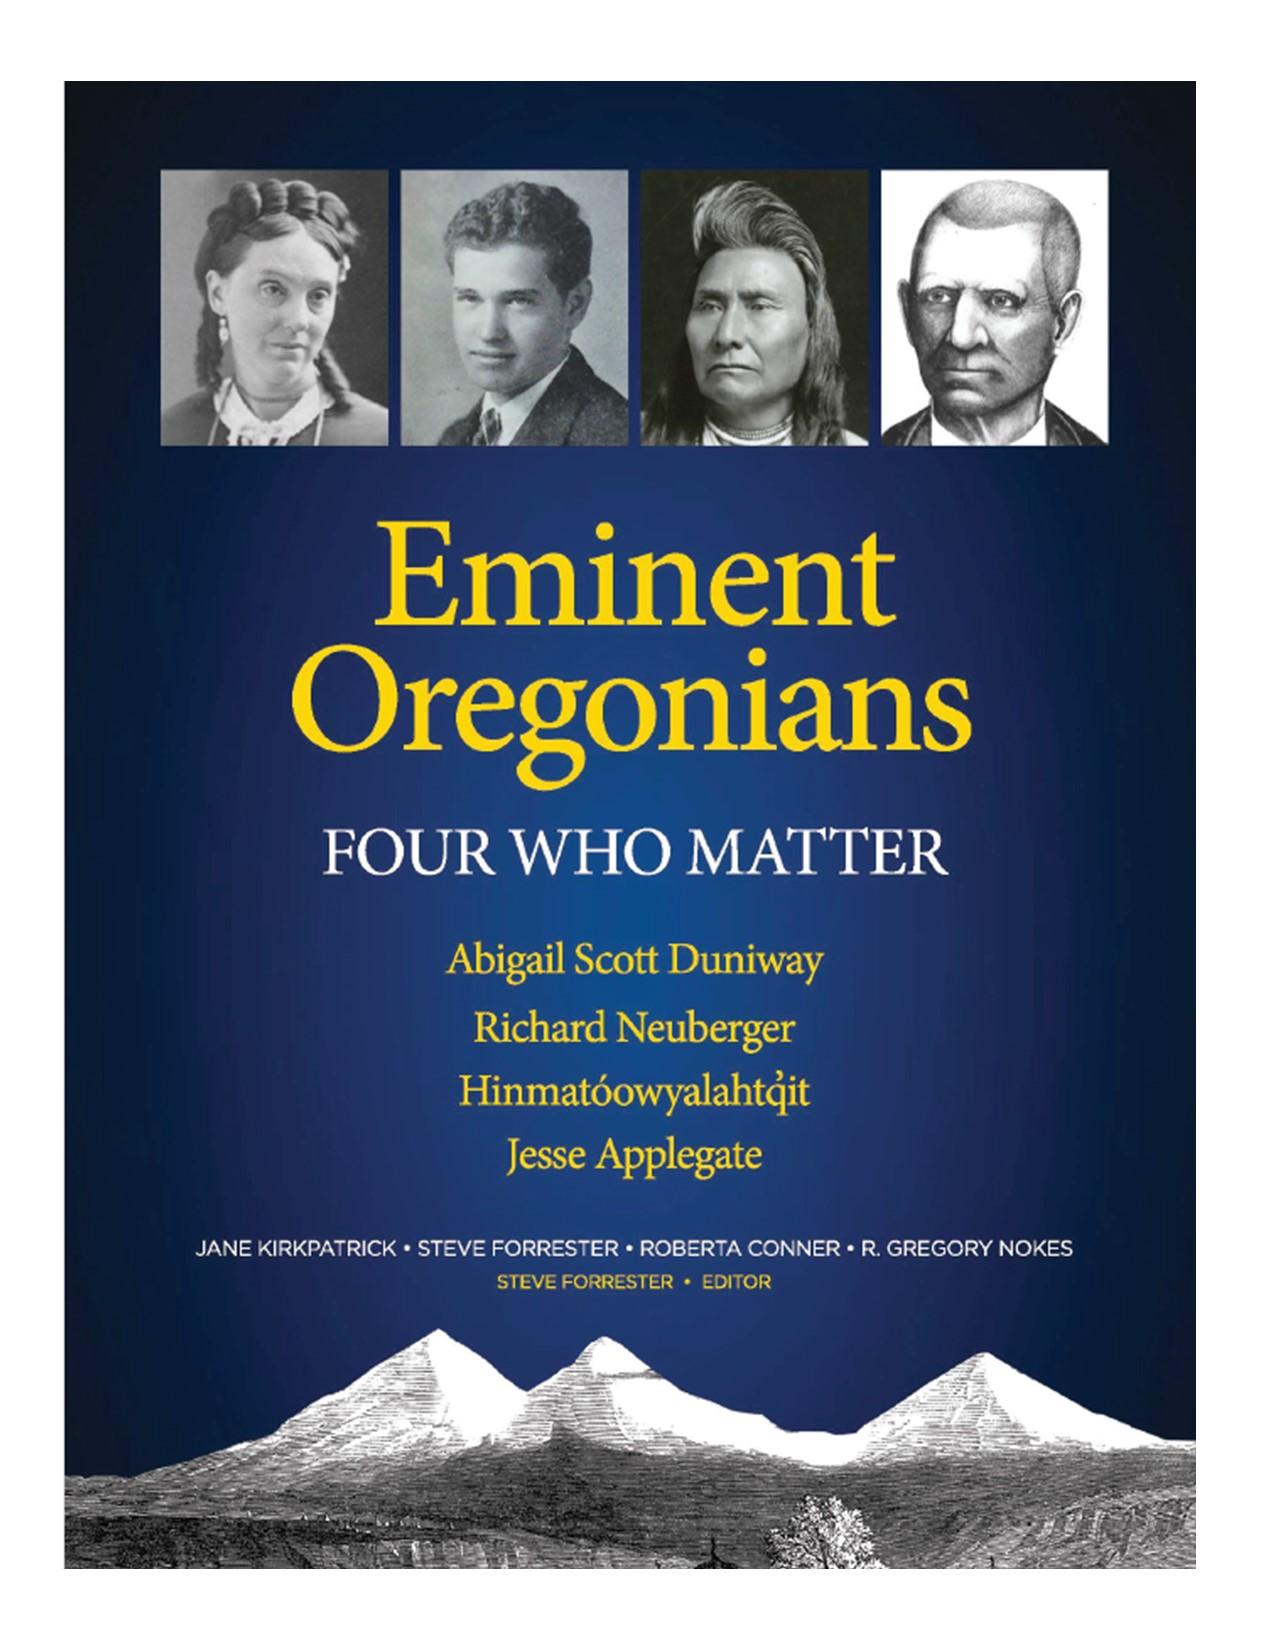 Eminent Oregonians